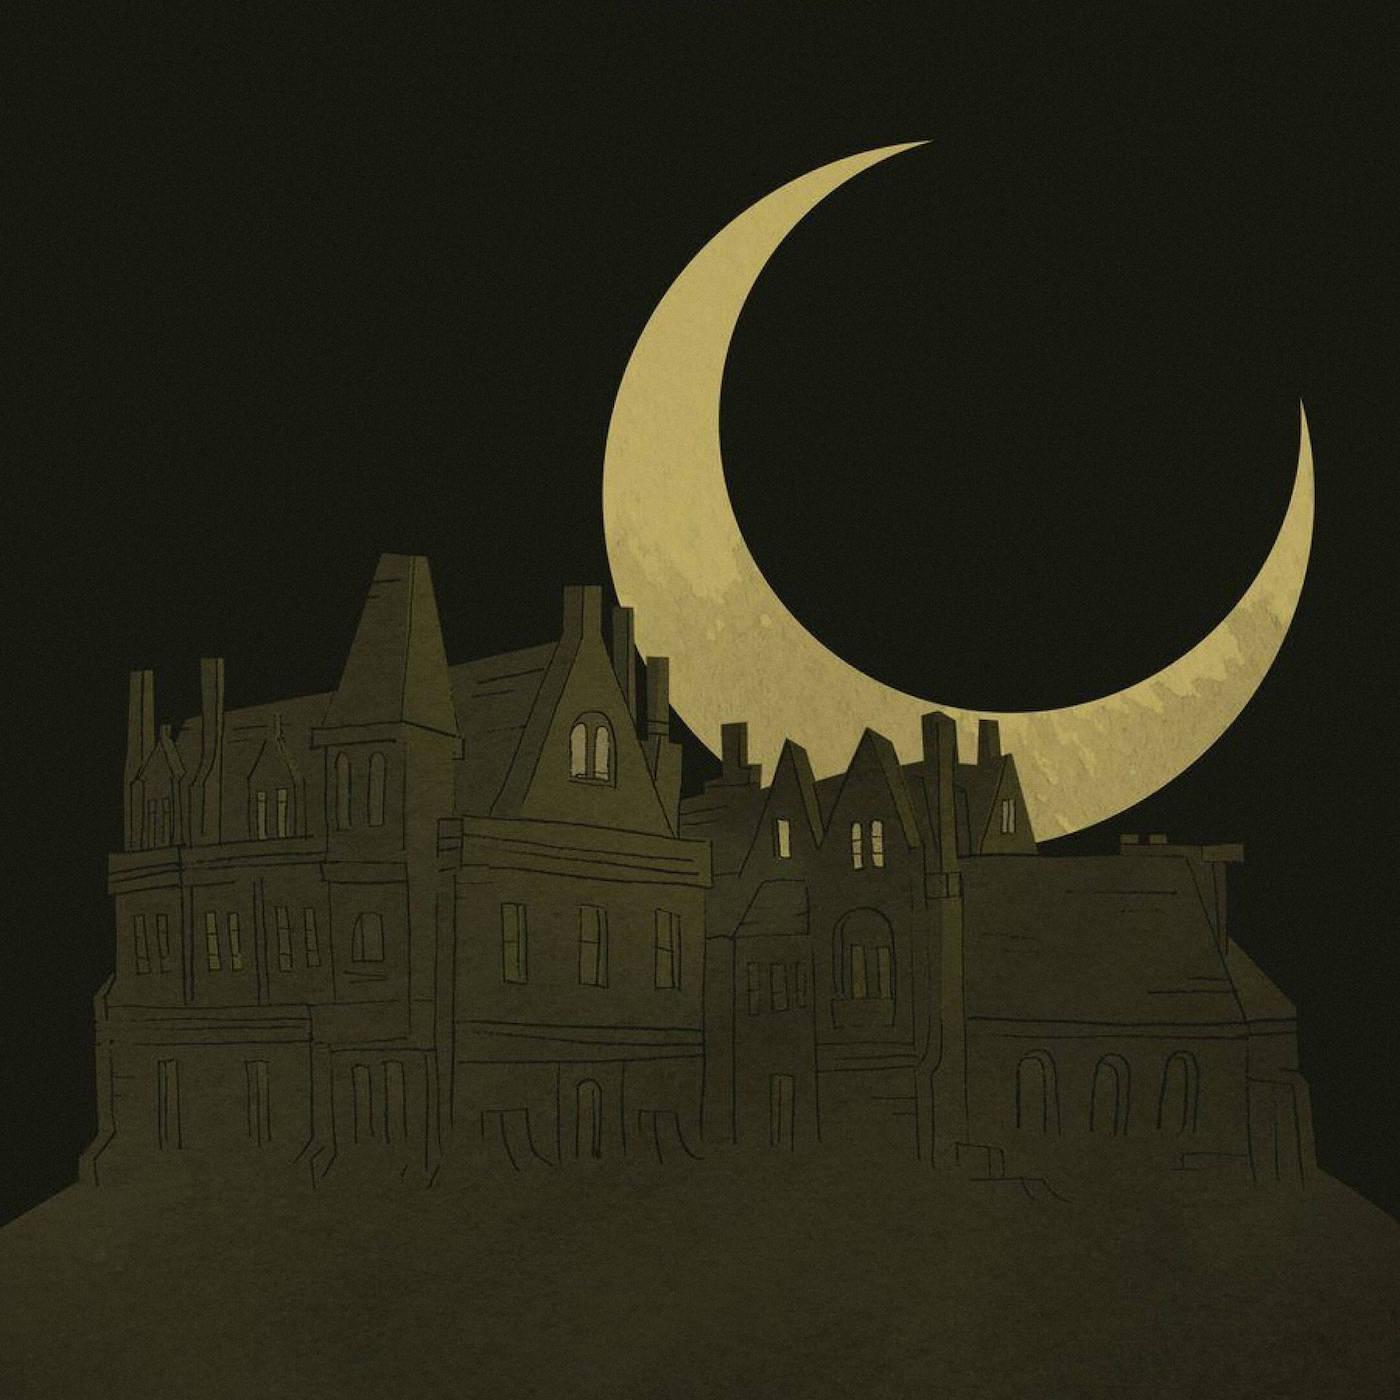 Иллюстрация собложки книги «Призрак дома нахолме» Ширли Джексон. Источник: godoggocafe.com